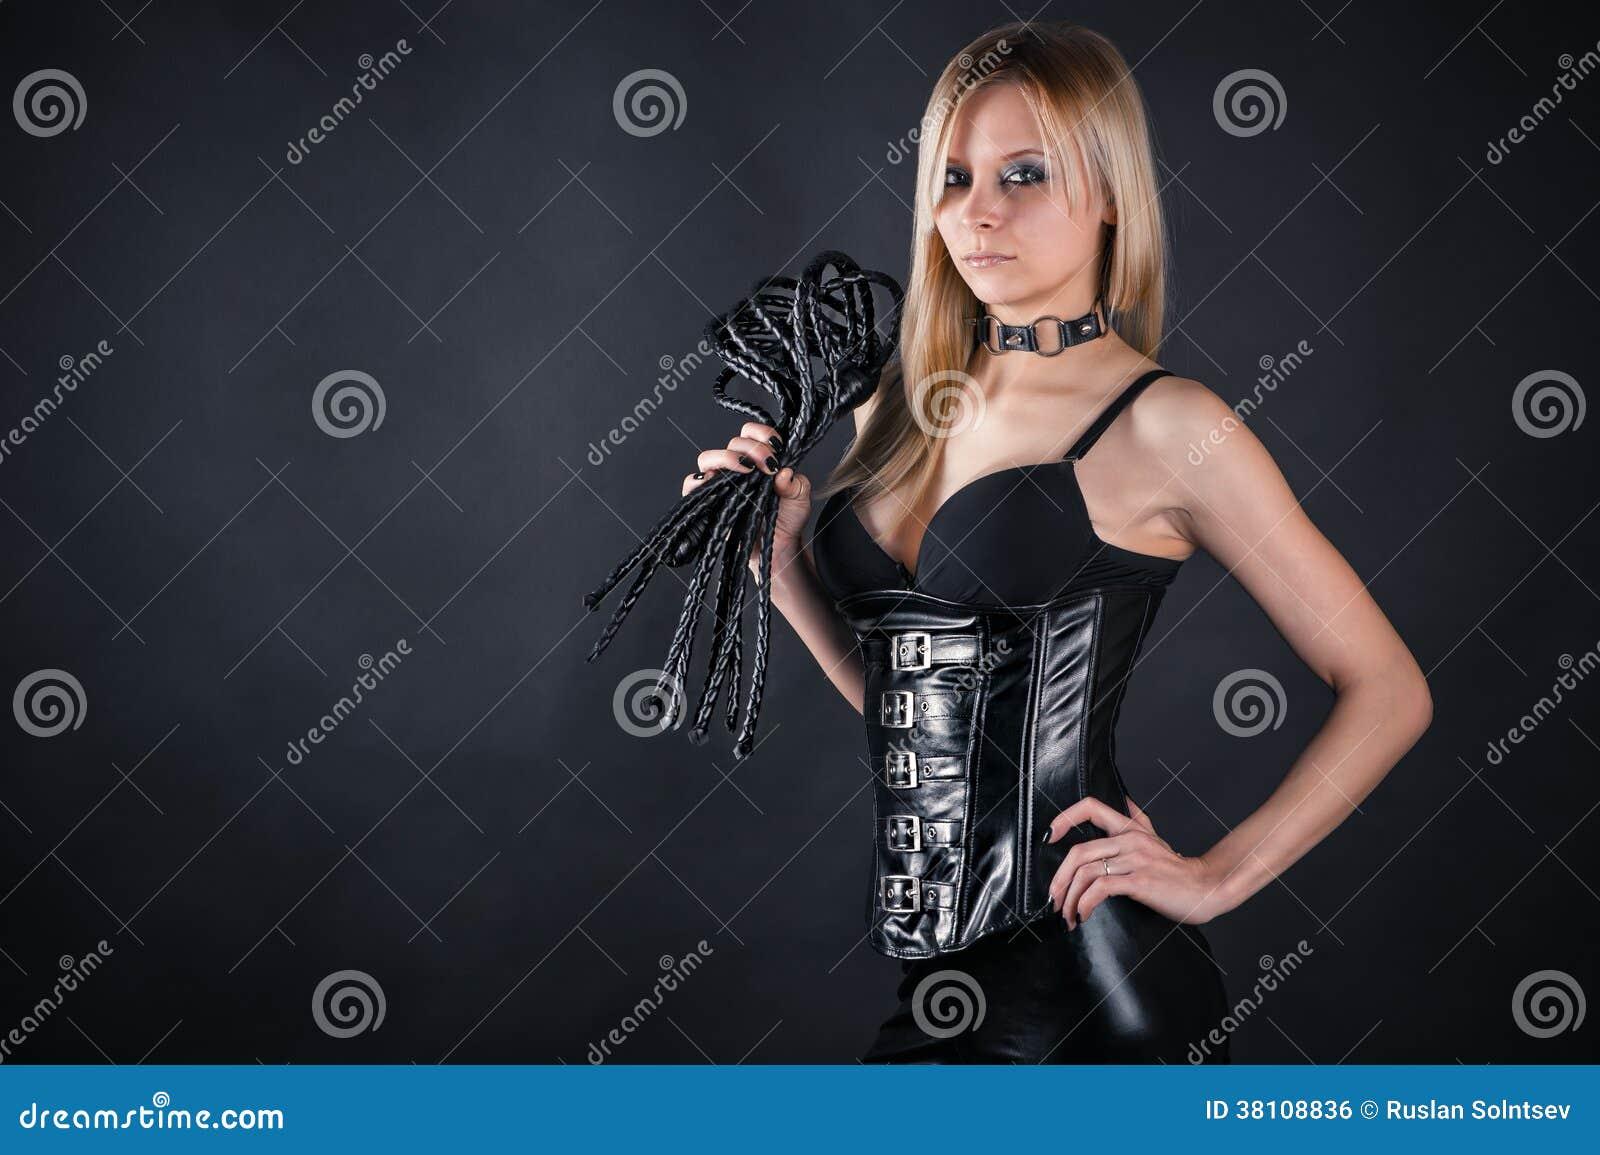 Фото девушка в коже с плёткой 8 фотография